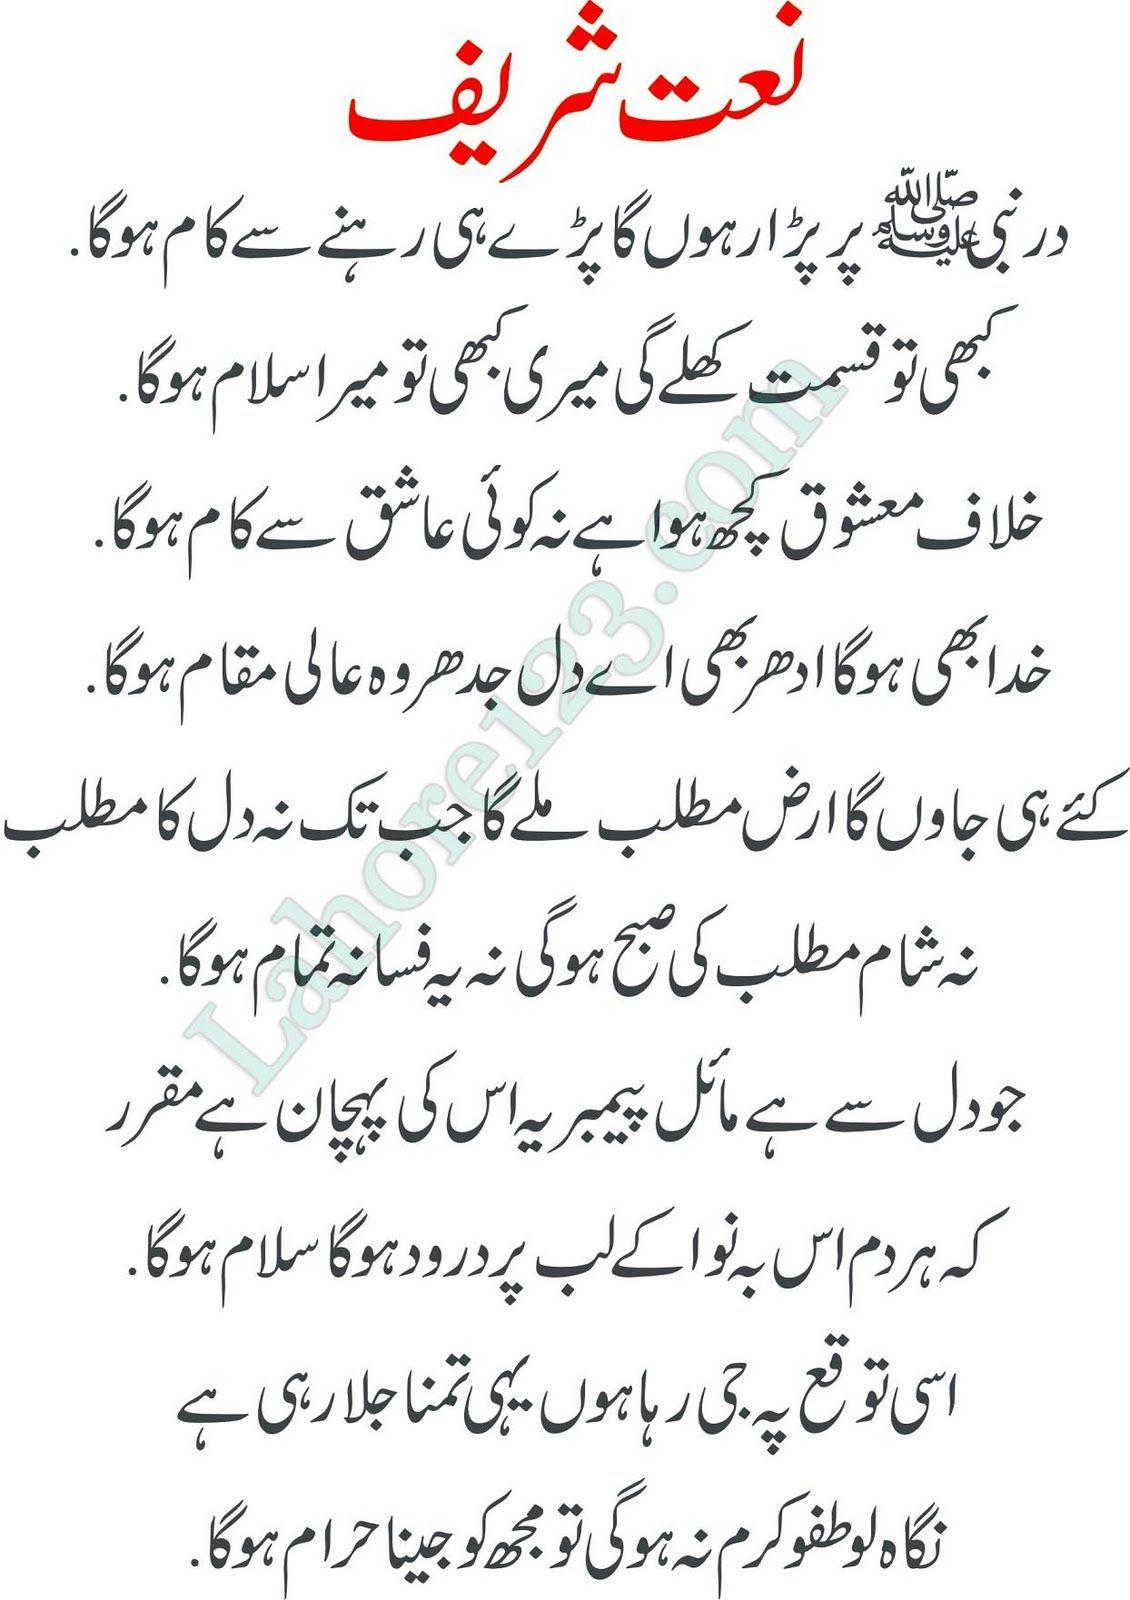 Lahore123: Dar e nabi par lyrics/written in urdu | Islamic